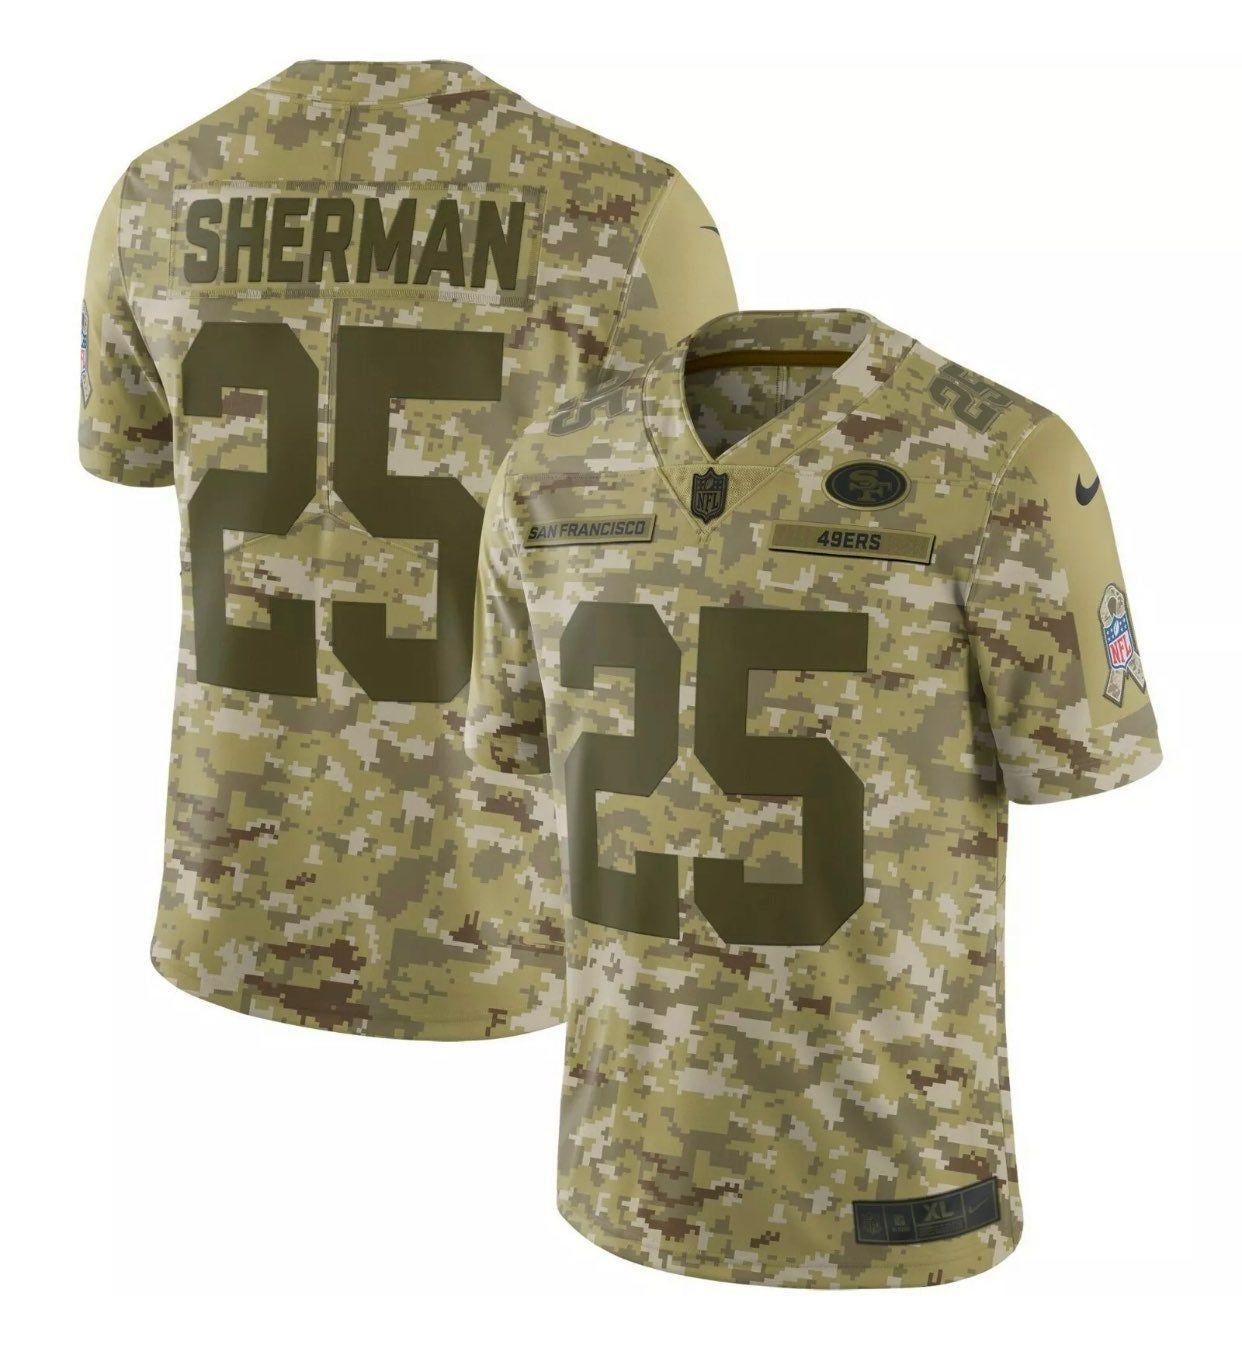 Nike Men S Jersey 49ers Salute To Service Size Large Jersey Richard Sherman 25 Camo Jersey Nfl Jerseys Nfl